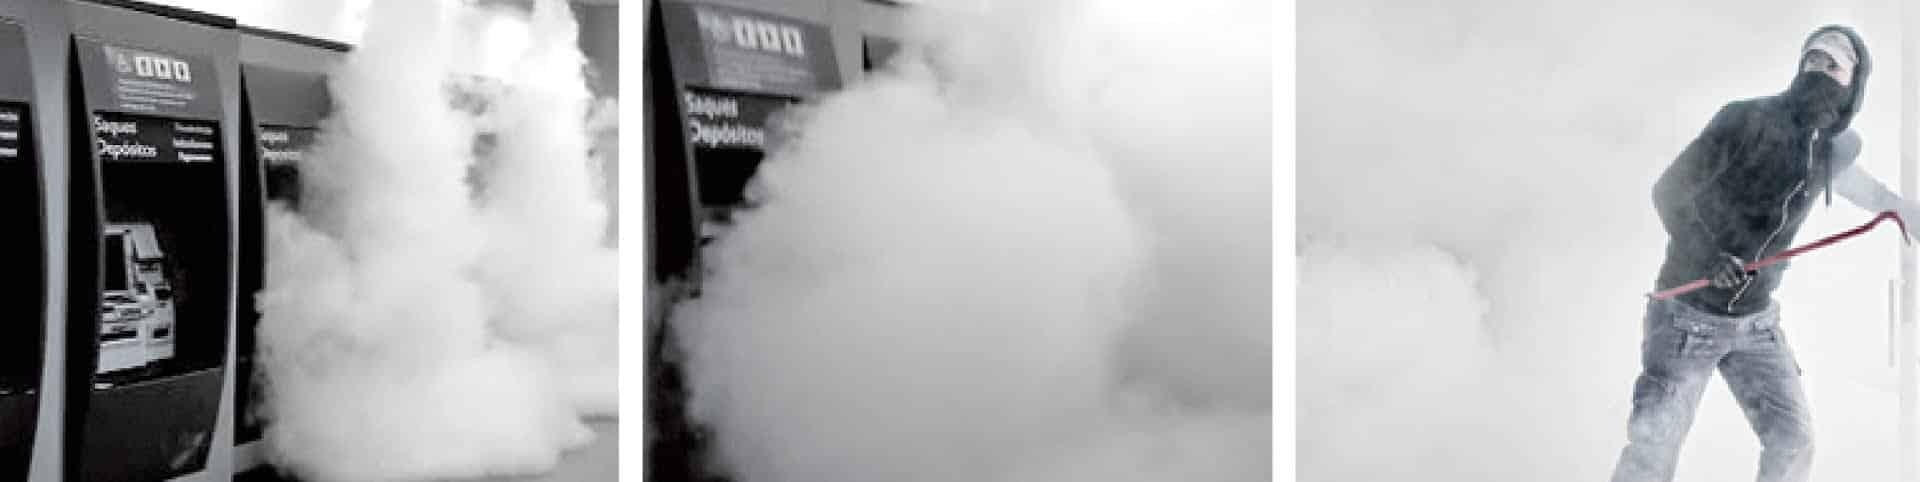 Cañón de Niebla, La respuesta tecnológica a un robo frustrado